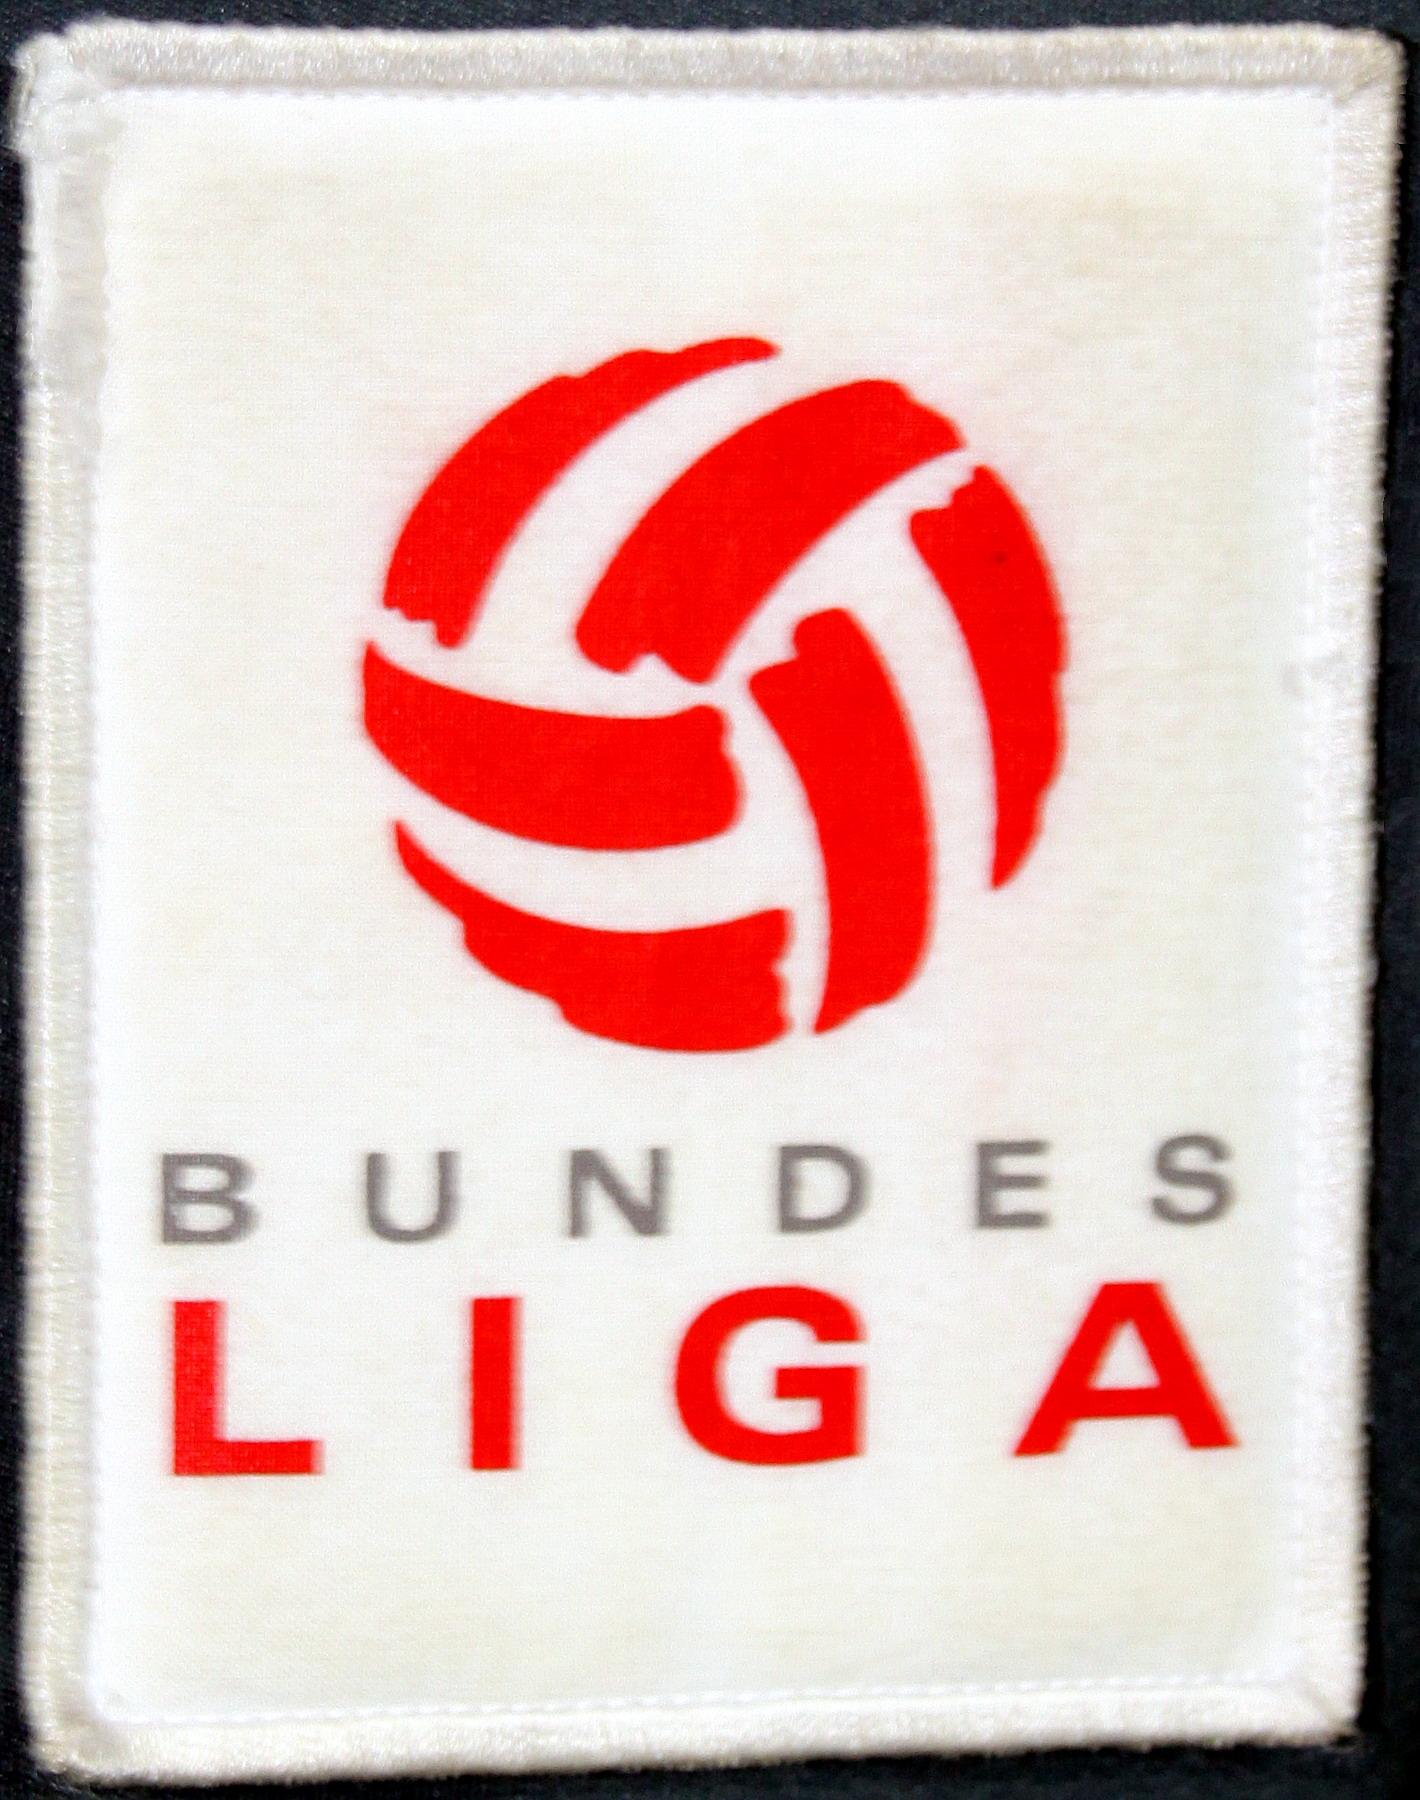 Unsere 2. williamhill probleme connexion Frauenmannschaft in der 2. Liga: Jaqueline Zaddach ...